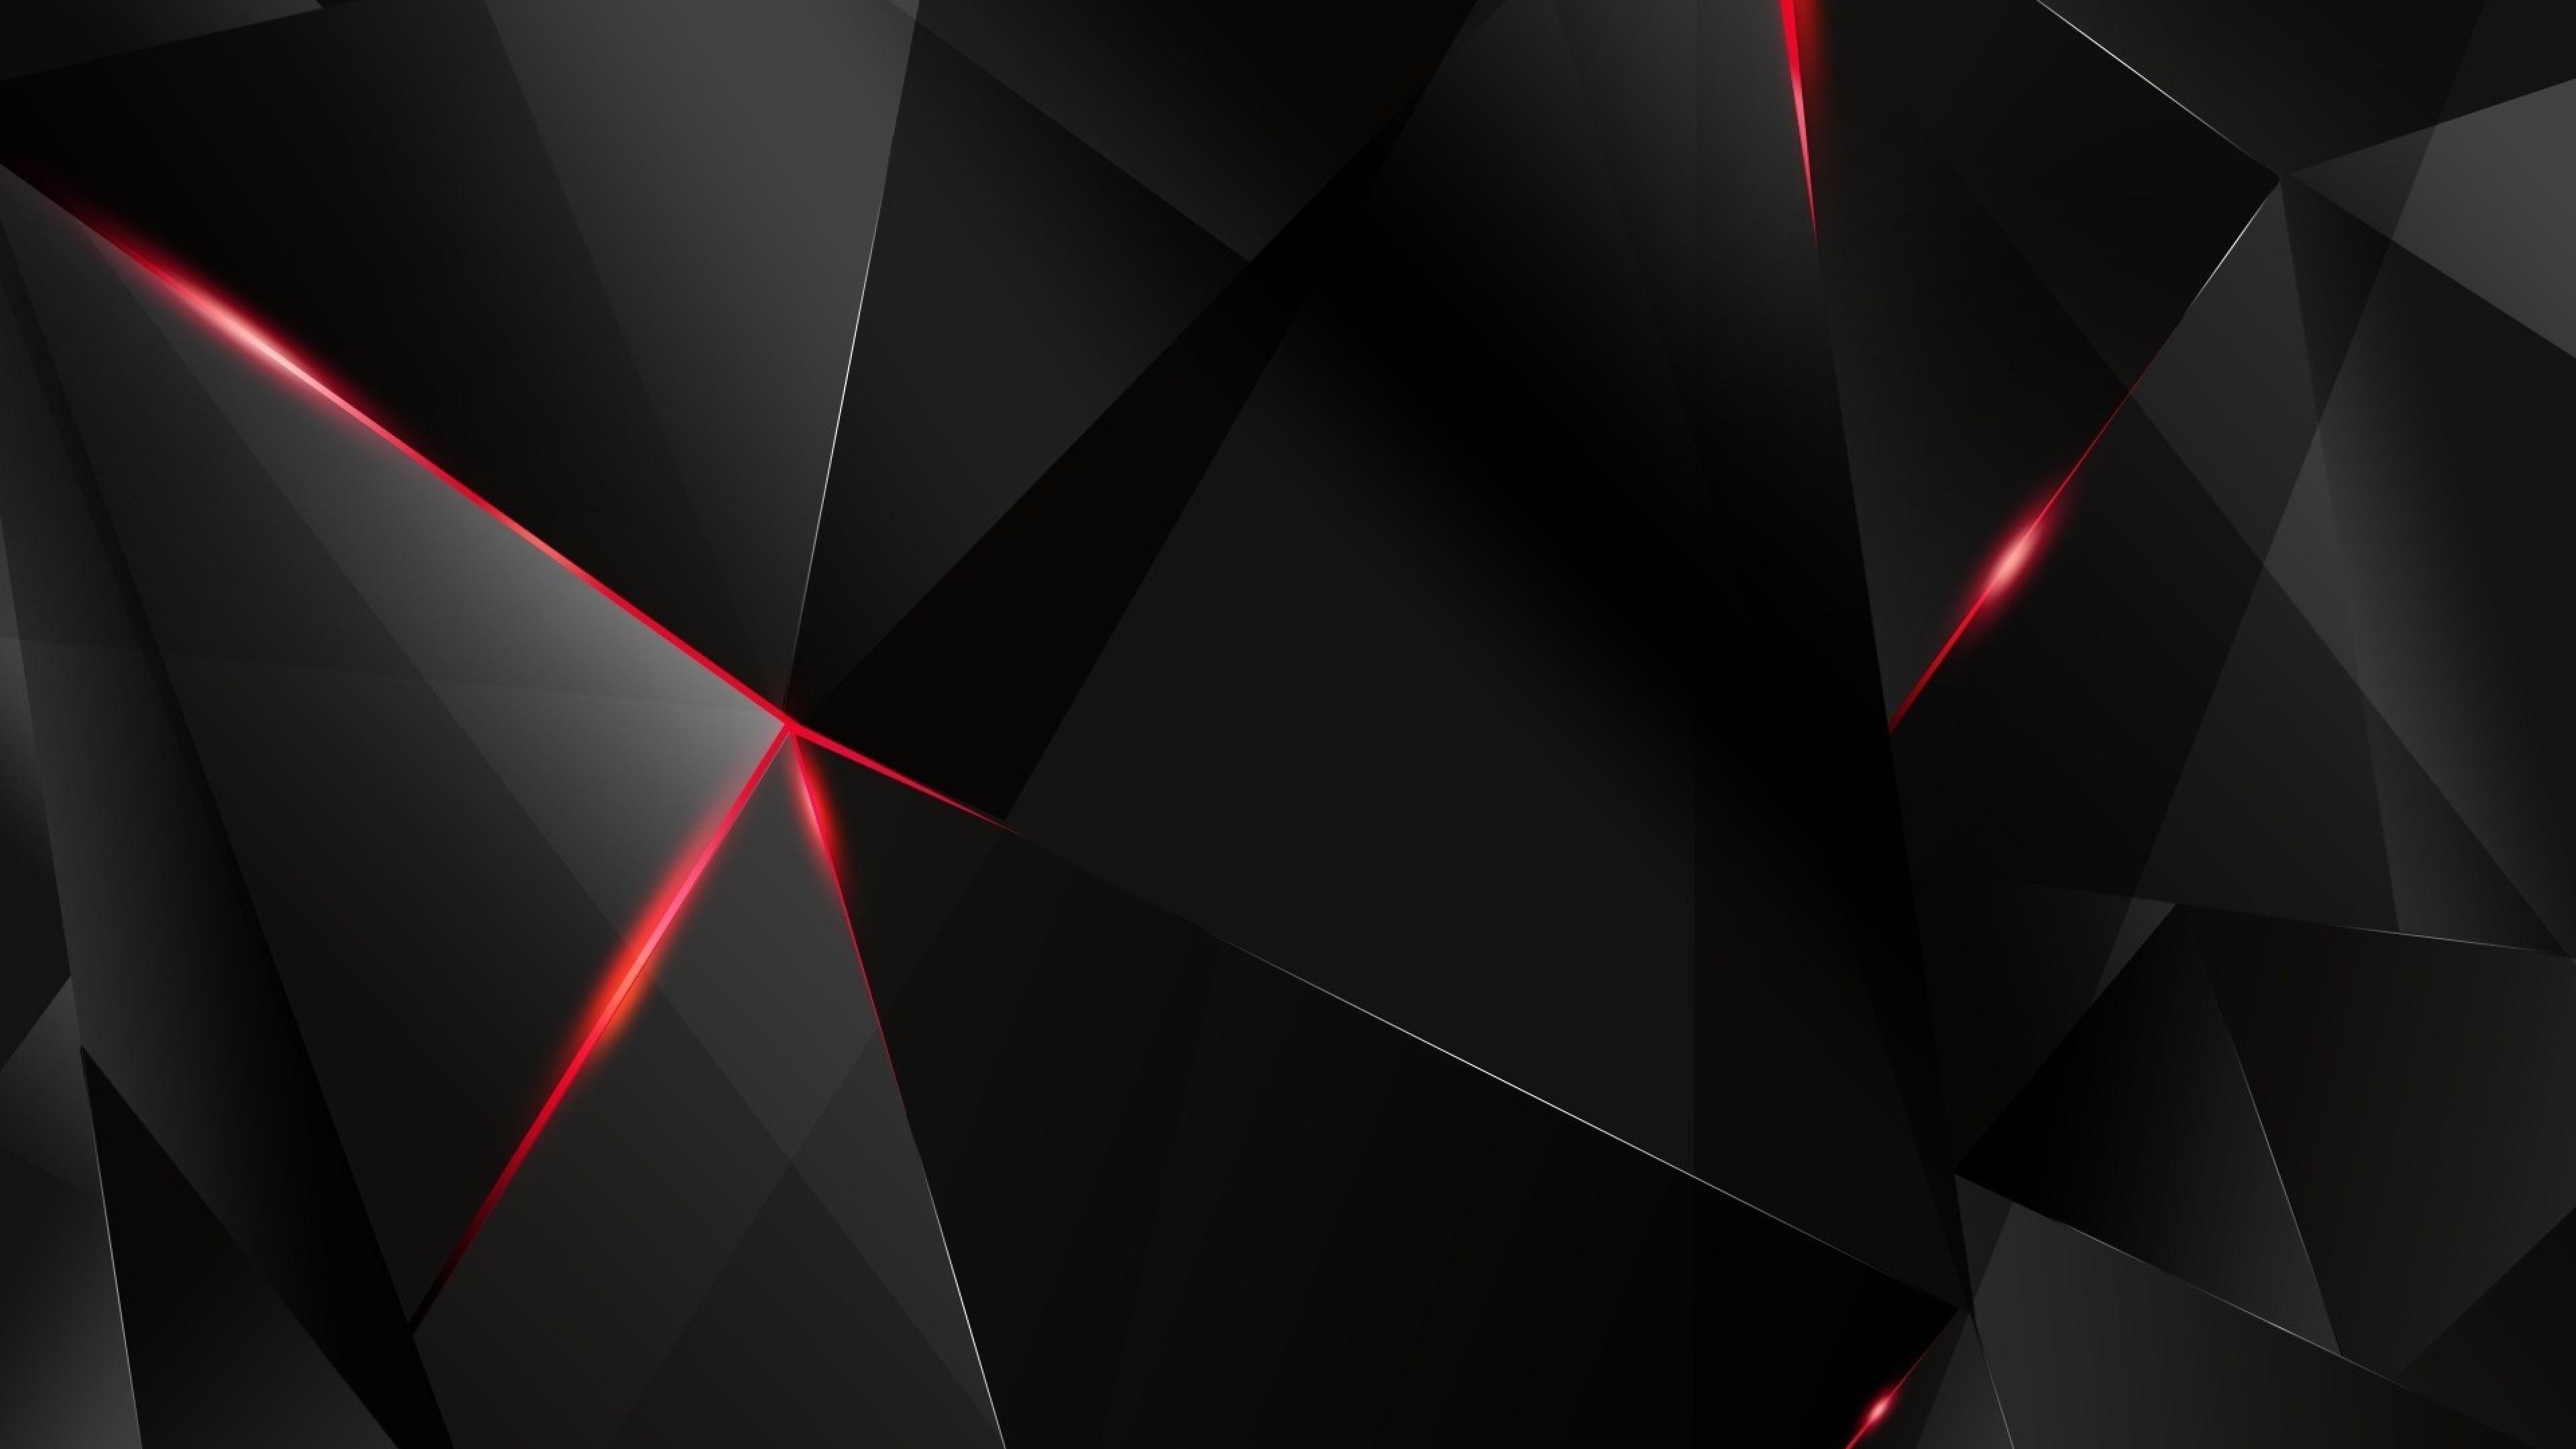 4K Ultra HD Black Wallpapers HD, Desktop Backgrounds 3840×2160